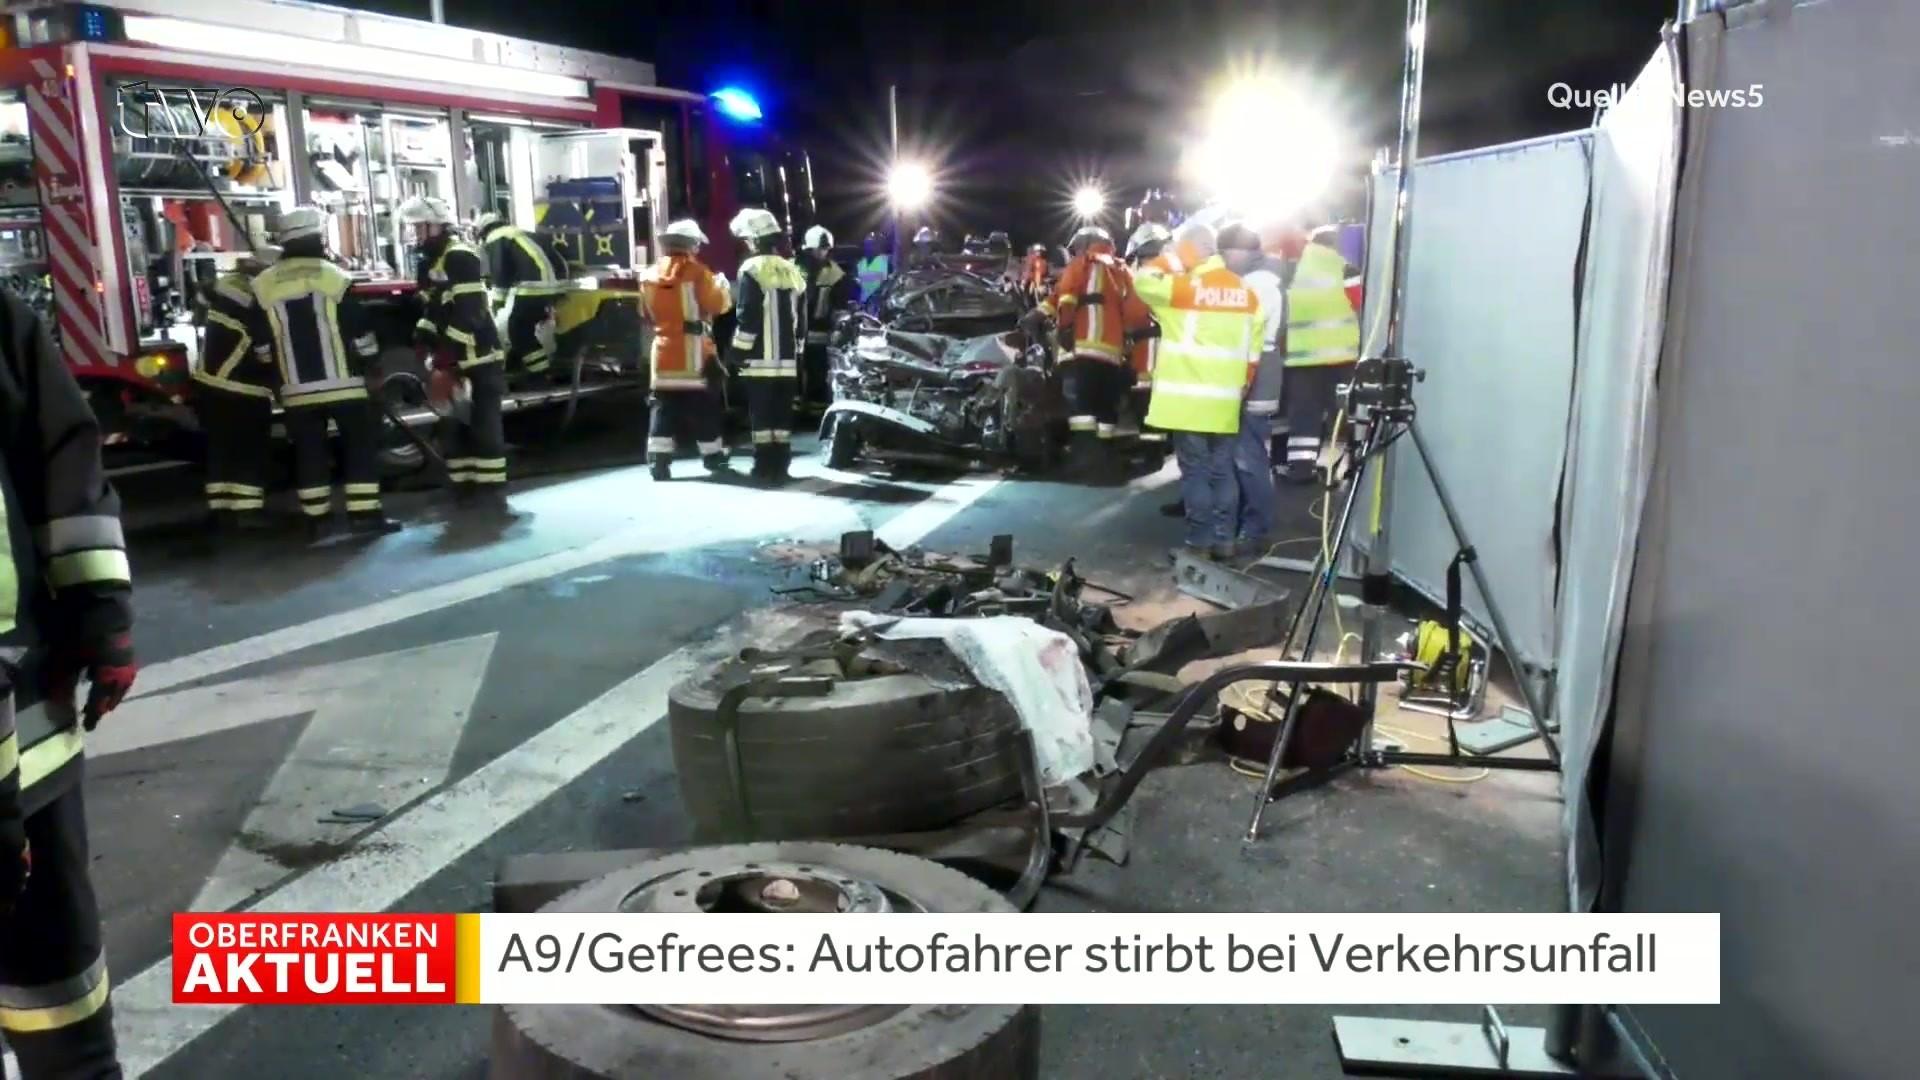 Gefrees Autofahrer Stirbt Bei Verkehrsunfall Auf Der A9 Tvode